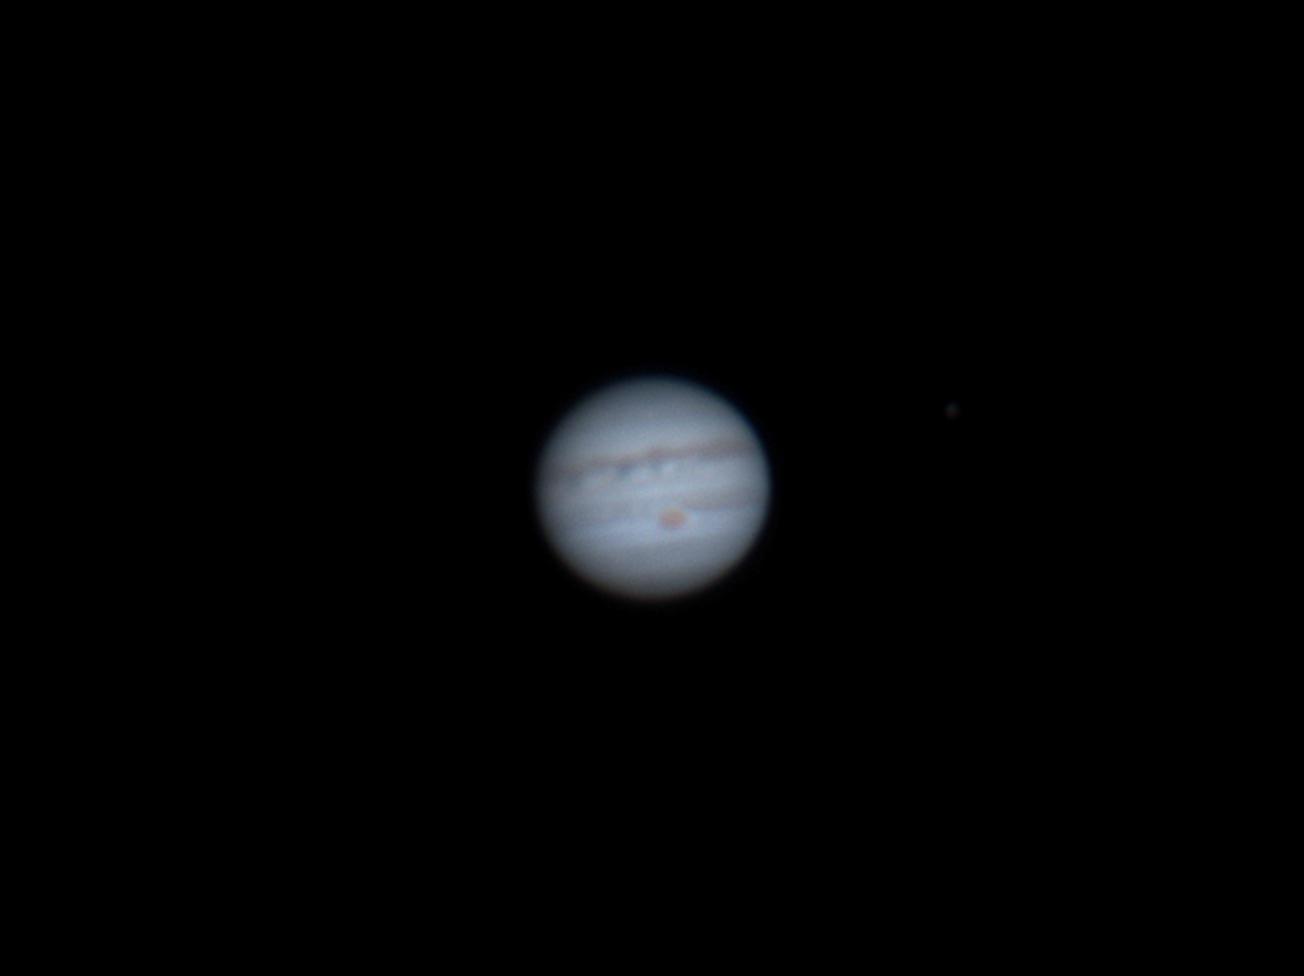 Jupiter_2018JUN21_21_03_34_1304px2.jpg